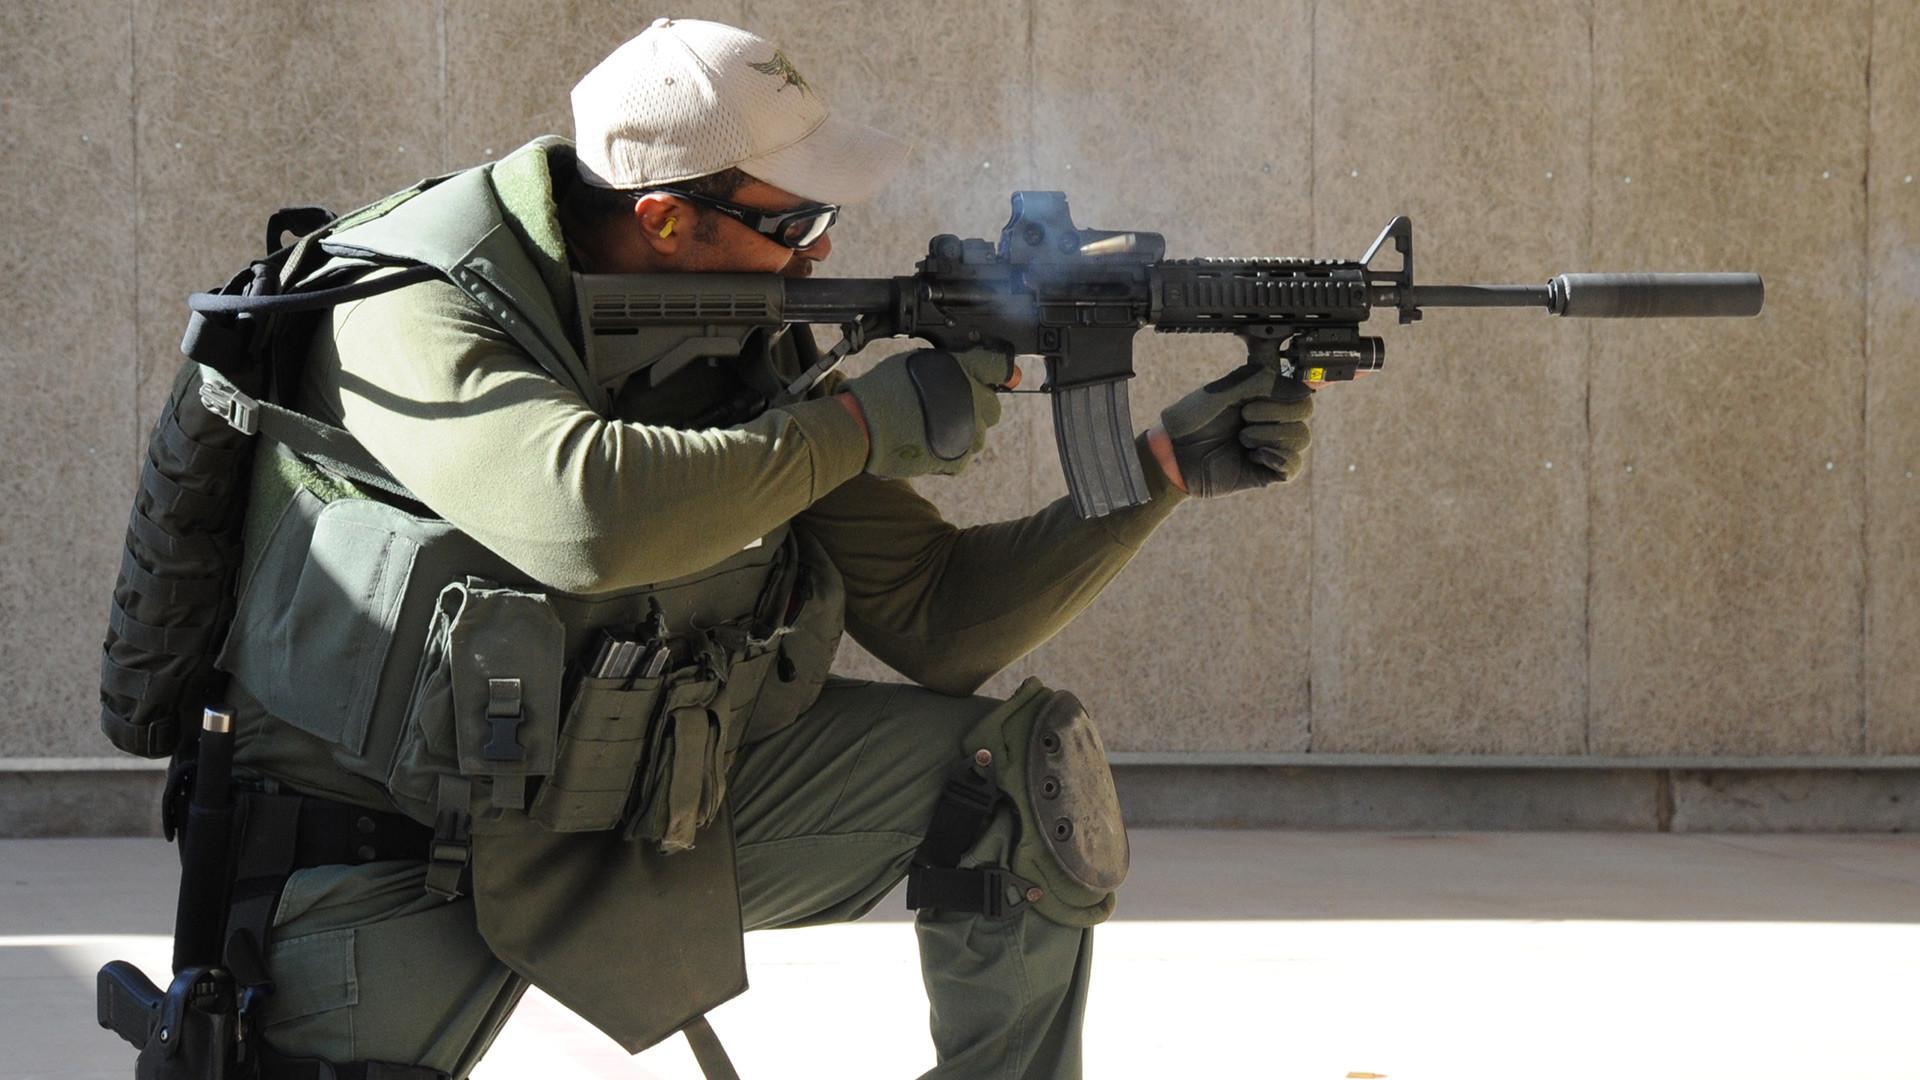 Припадник јединице Wichita Falls SWAT тренира гађање на стрелишту правосудних органа, 14. март 2013.